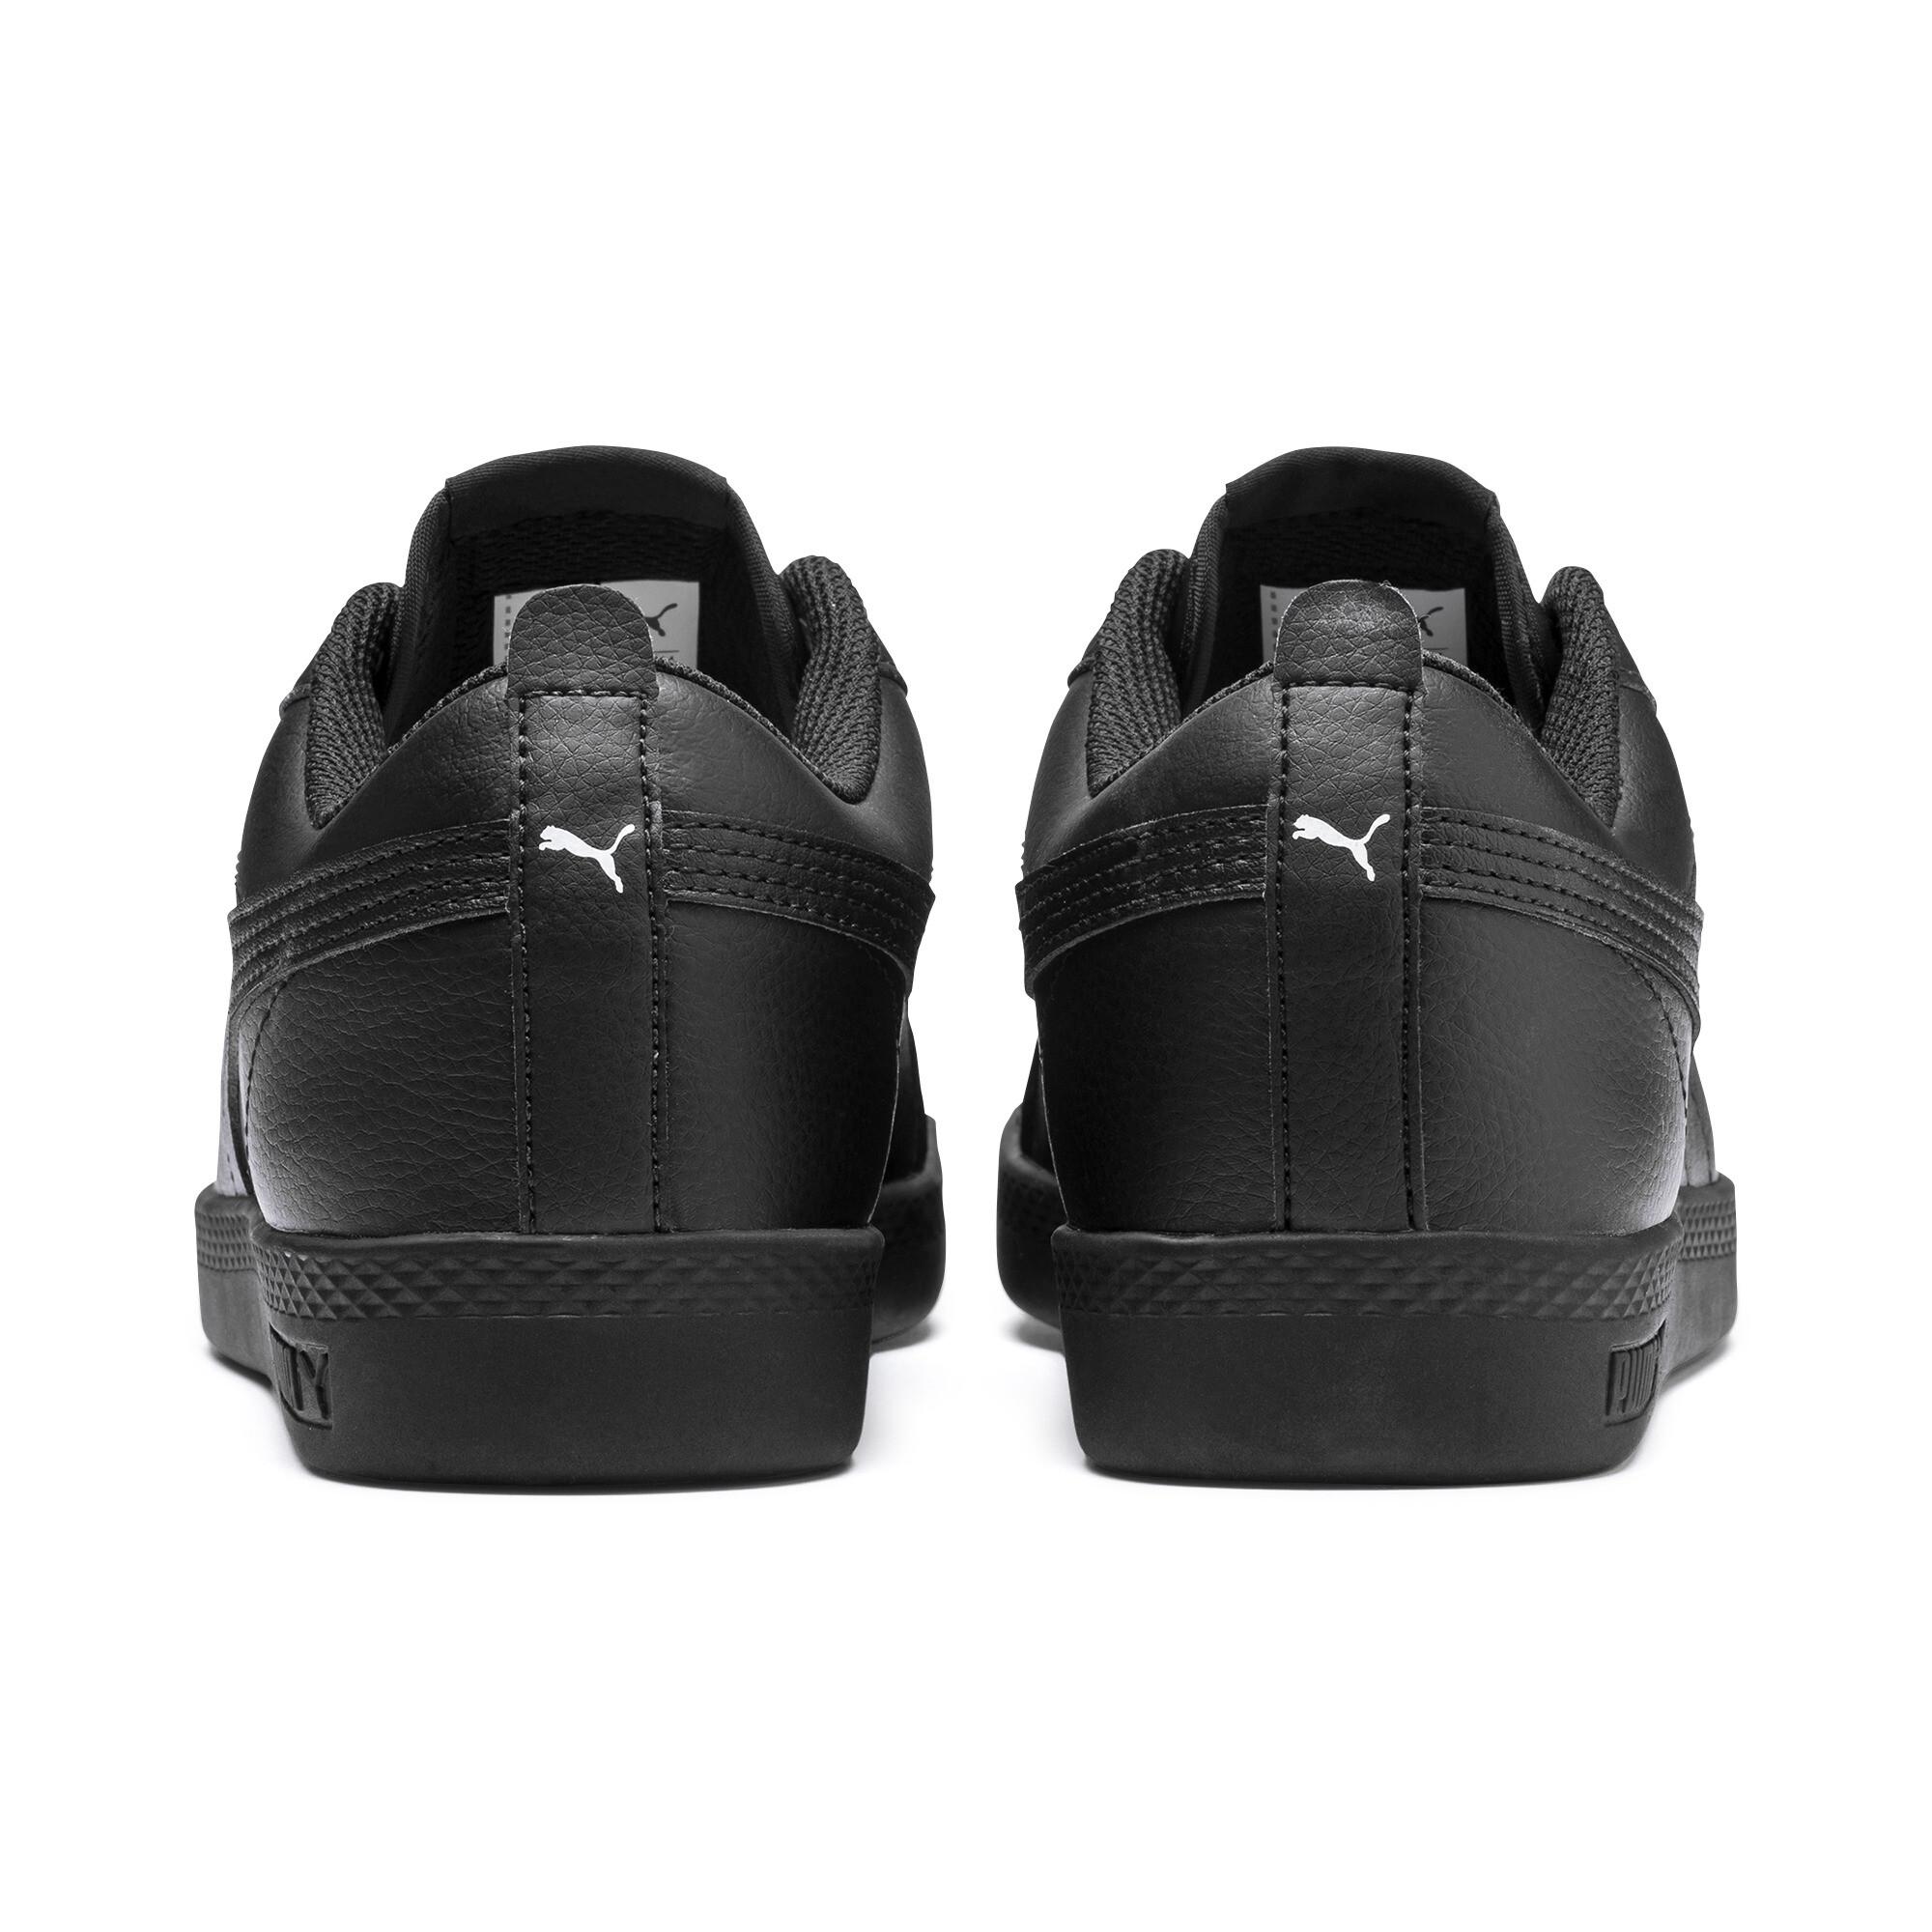 thumbnail 6 - PUMA Women's Smash v2 Leather Sneakers